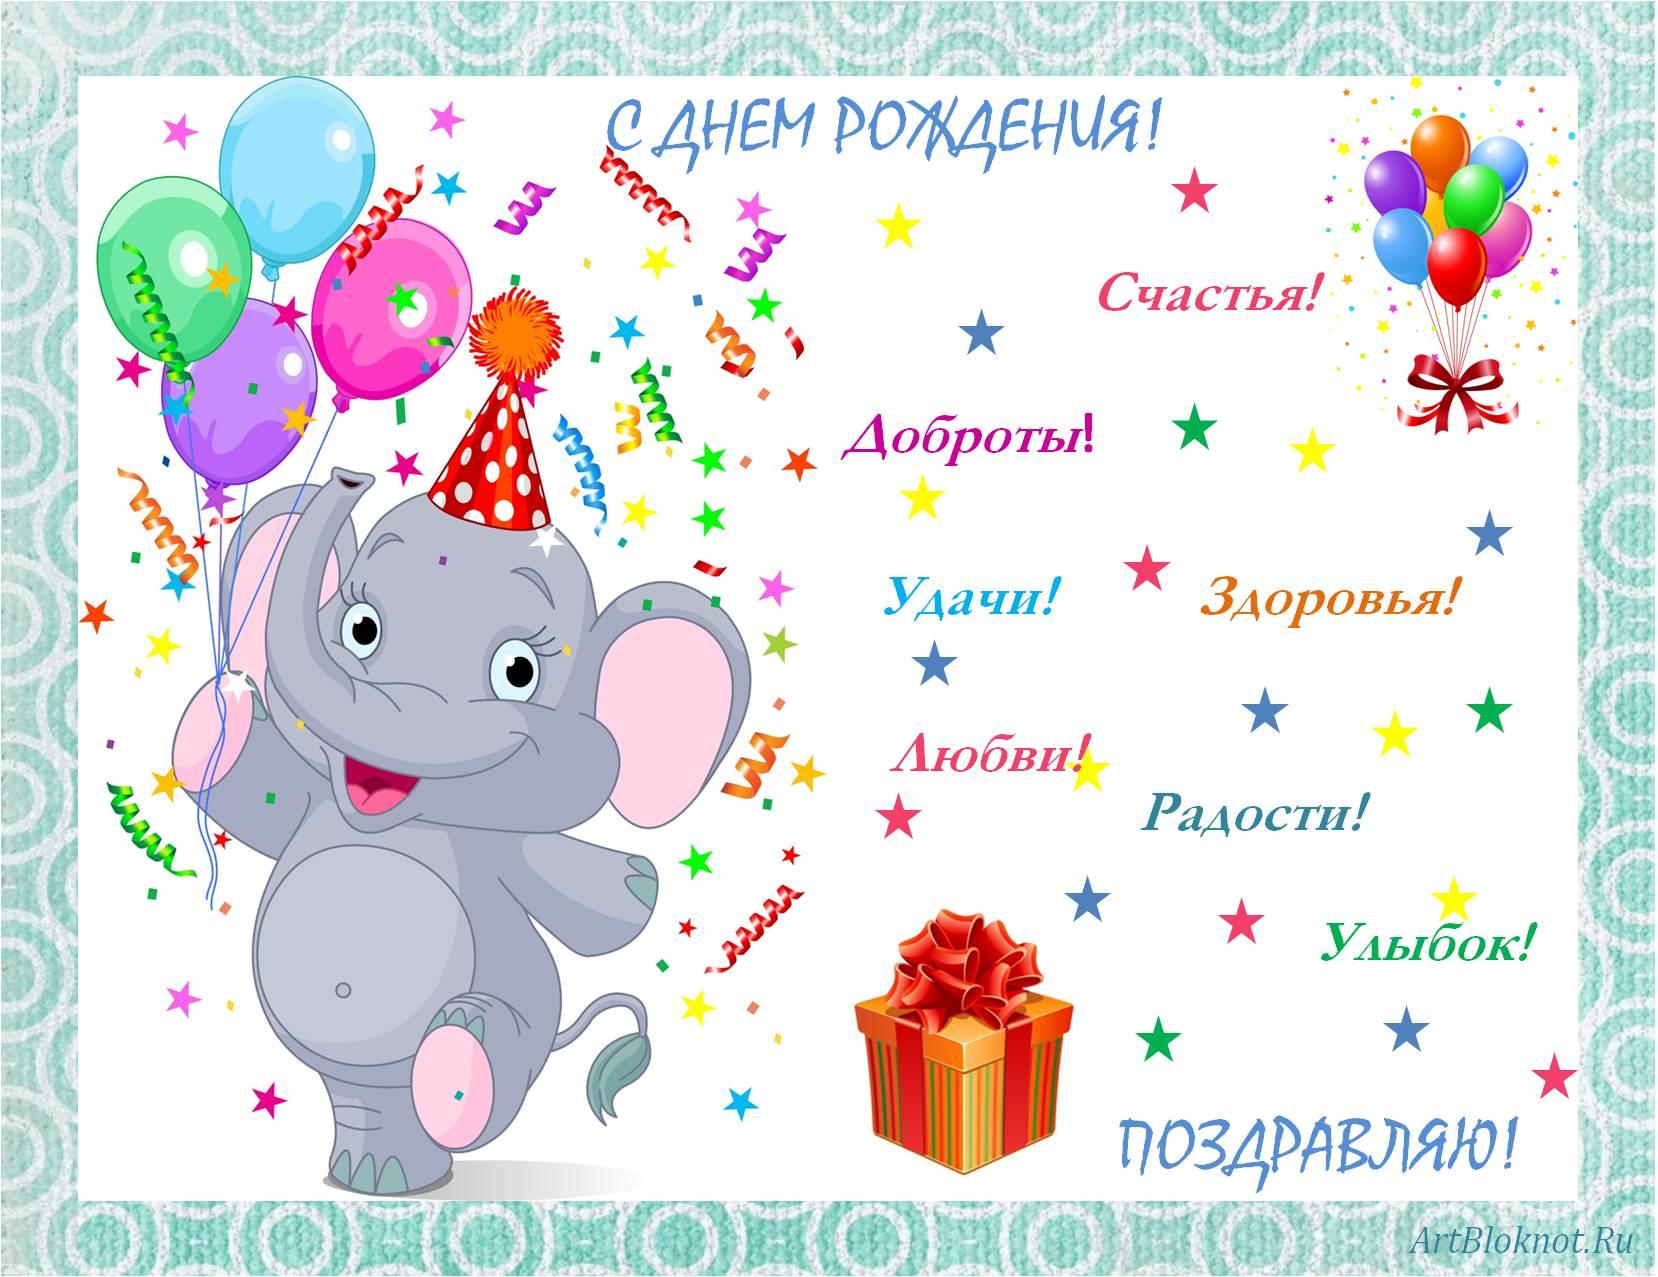 Открытка с днём рождения для мальчика 2 годика 18